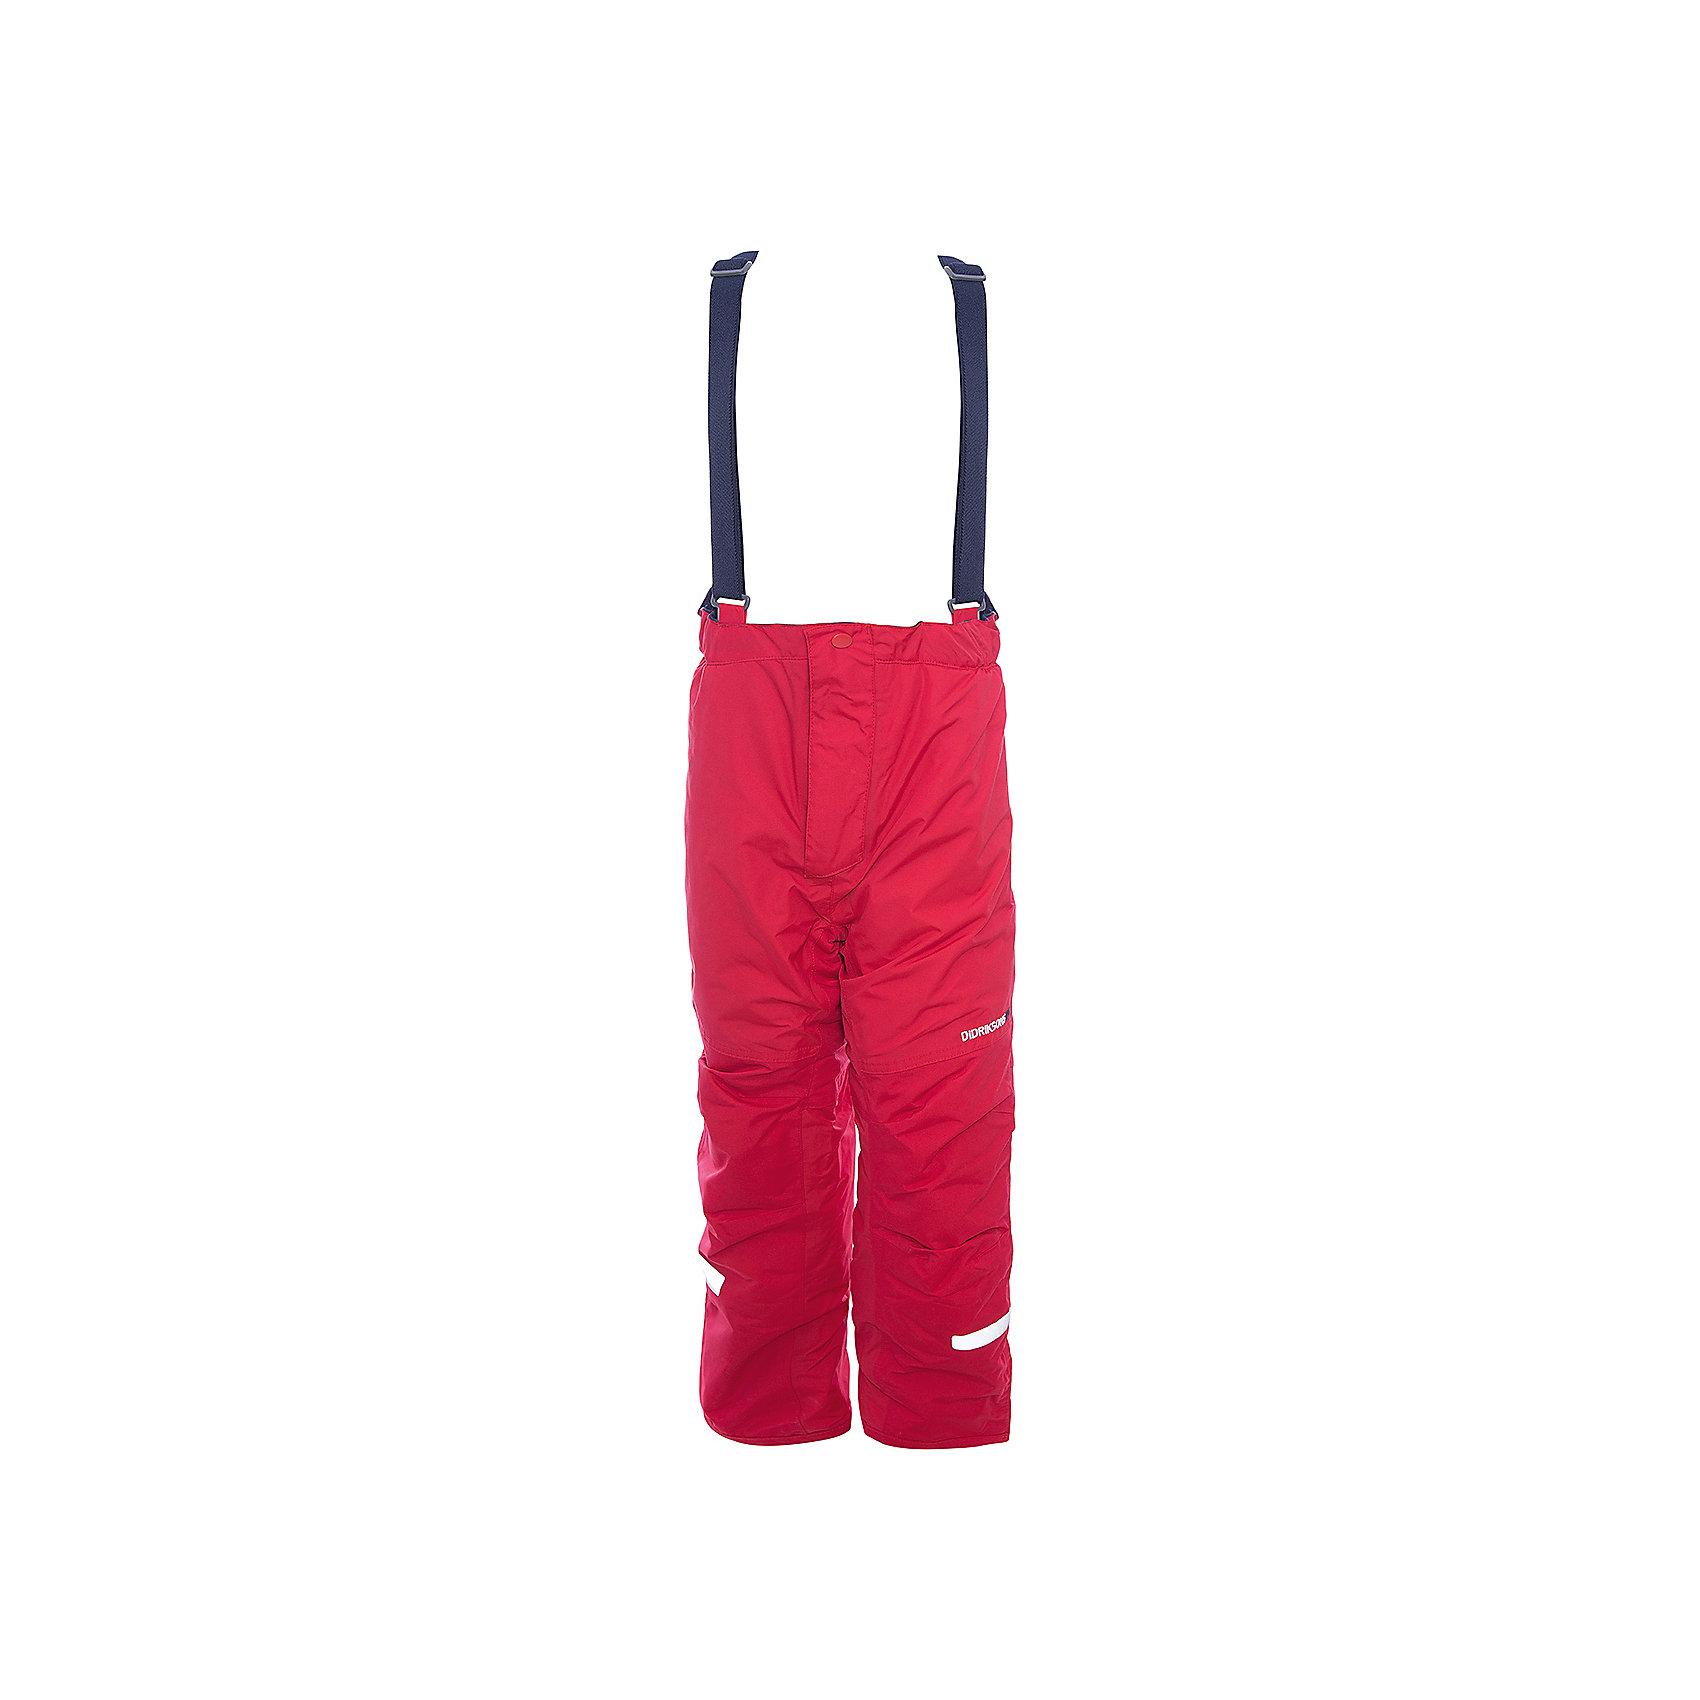 Брюки IDRE DIDRIKSONS для мальчикаВерхняя одежда<br>Характеристики товара:<br><br>• цвет: красный<br>• состав ткани: 100% полиамид<br>• подкладка: 100% полиэстер<br>• утеплитель: 100% полиэстер<br>• сезон: зима<br>• мембранная<br>• температурный режим: от -20 до 0<br>• водонепроницаемость: 6000 мм <br>• паропроницаемость: 4000 г/м2<br>• плотность утеплителя: 140г/м2<br>• швы проклеены<br>• регулируемые подтяжки и низ штанин<br>• фиксированные лямки<br>• снежные гетры с силиконовой резинкой<br>• штрипки<br>• застежка: молния<br>• светоотражающие детали<br>• конструкция позволяет увеличить длину штанин на один размер<br>• страна бренда: Швеция<br>• страна изготовитель: Китай<br><br>Модные брюки для ребенка Didriksons можно при необходимости увеличить на один размер. Детские брюки от известного шведского бренда теплые и легкие. Яркие зимние брюки для ребенка создают комфортные условия для тела. Непромокаемый и непродуваемый материал детских брюк легко чистится. <br><br>Брюки для мальчика Idre Didriksons (Дидриксонс) можно купить в нашем интернет-магазине.<br><br>Ширина мм: 215<br>Глубина мм: 88<br>Высота мм: 191<br>Вес г: 336<br>Цвет: красный<br>Возраст от месяцев: 18<br>Возраст до месяцев: 24<br>Пол: Мужской<br>Возраст: Детский<br>Размер: 90,130,120,110,100<br>SKU: 7045260